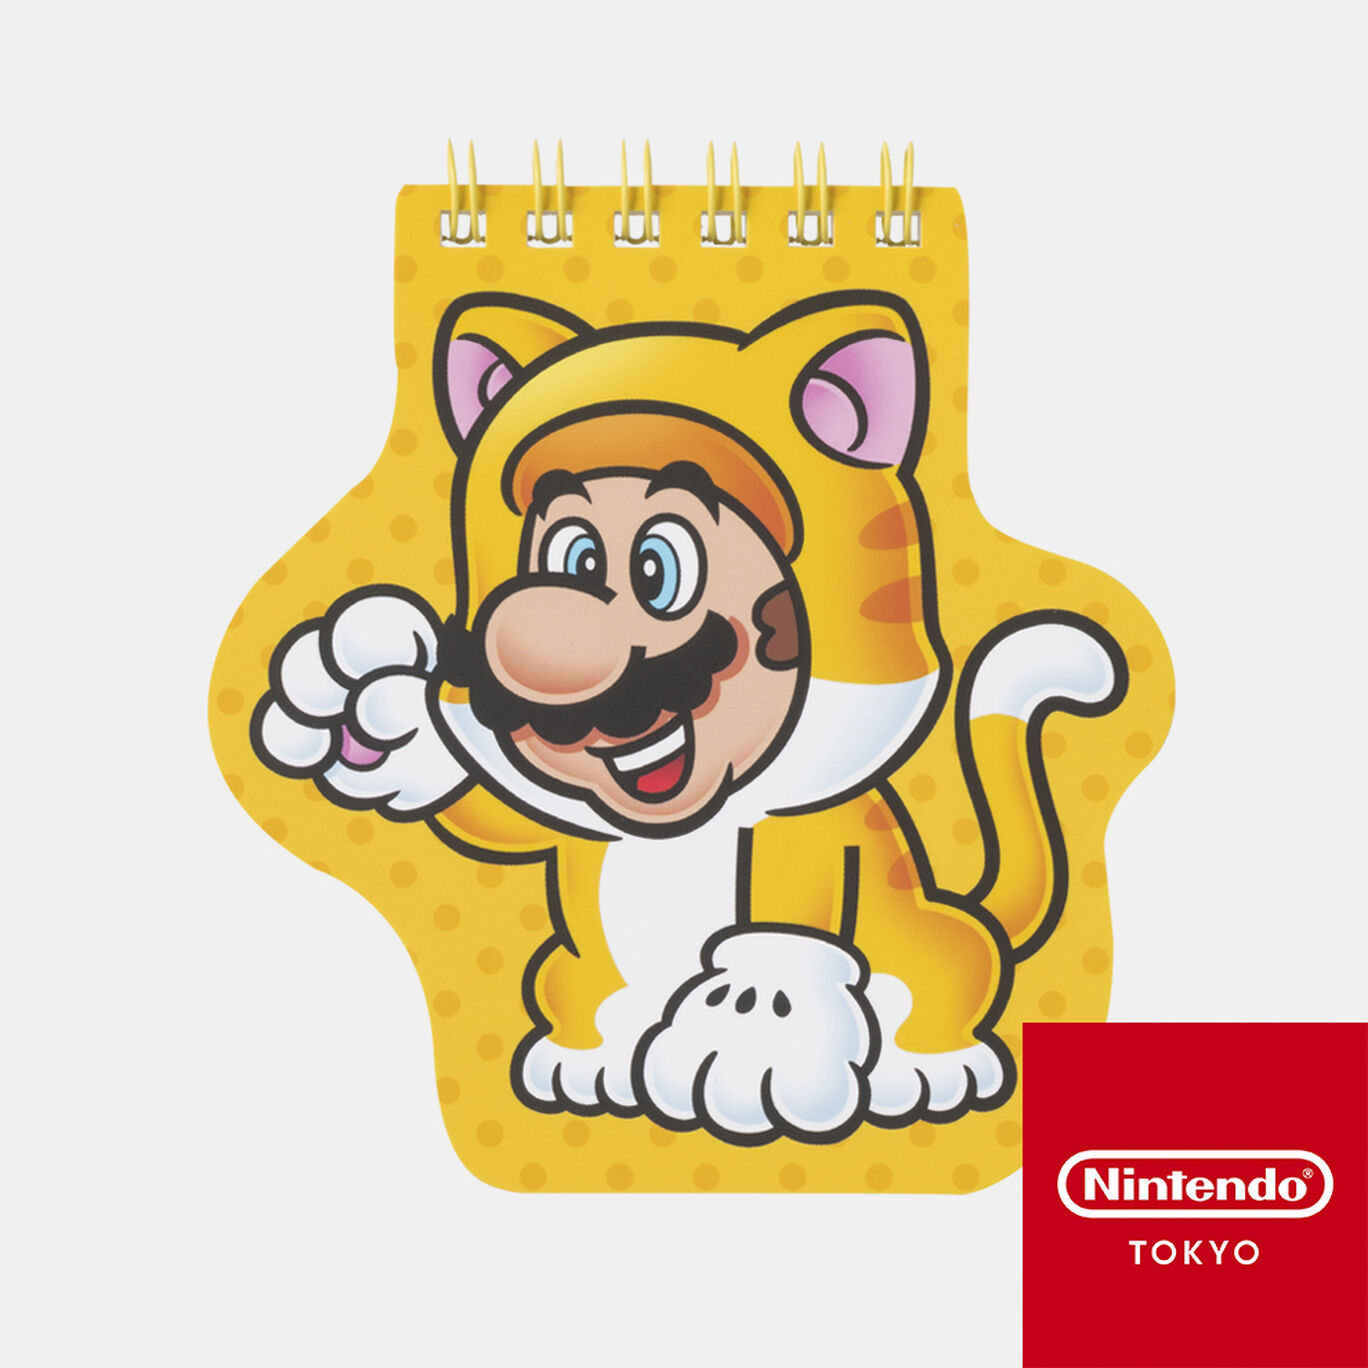 ダイカットメモ帳 スーパーマリオ パワーアップ C【Nintendo TOKYO取り扱い商品】